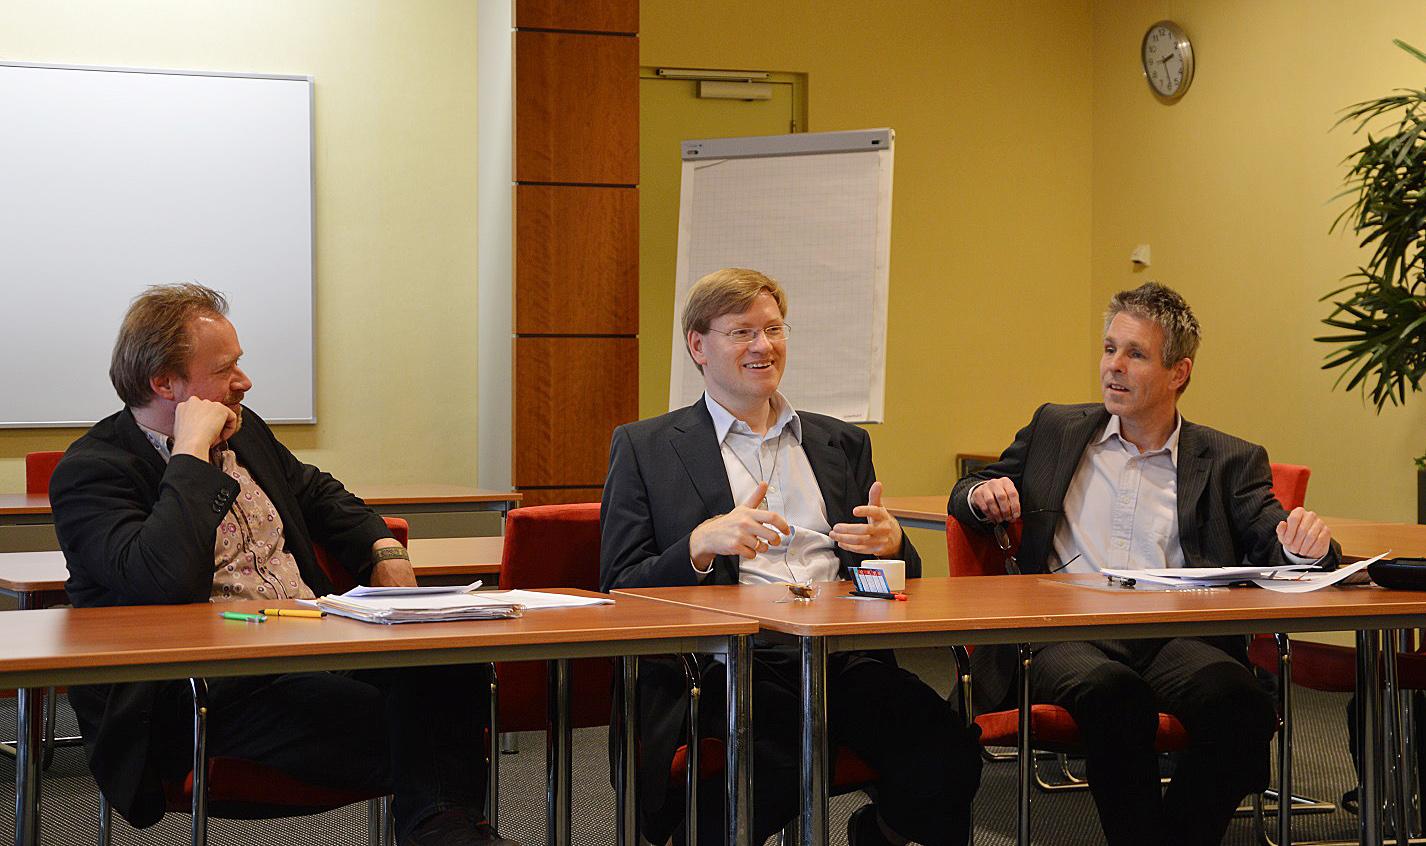 In gesprek met collega P. Lemmens en transhumanist A. Sandberg, maart 2014.